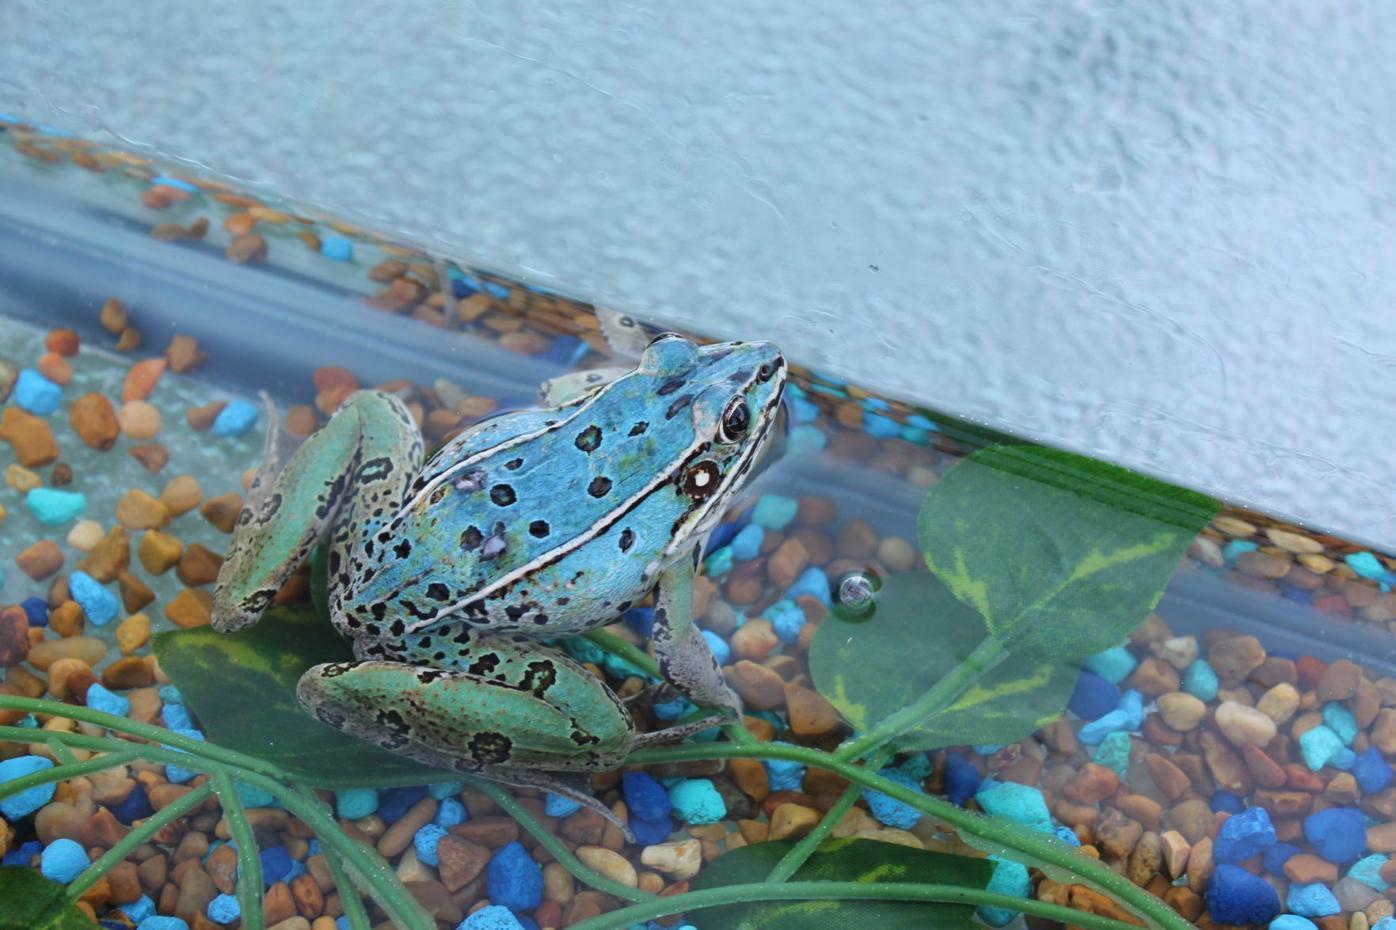 Rare frog find reveals strange coincidence